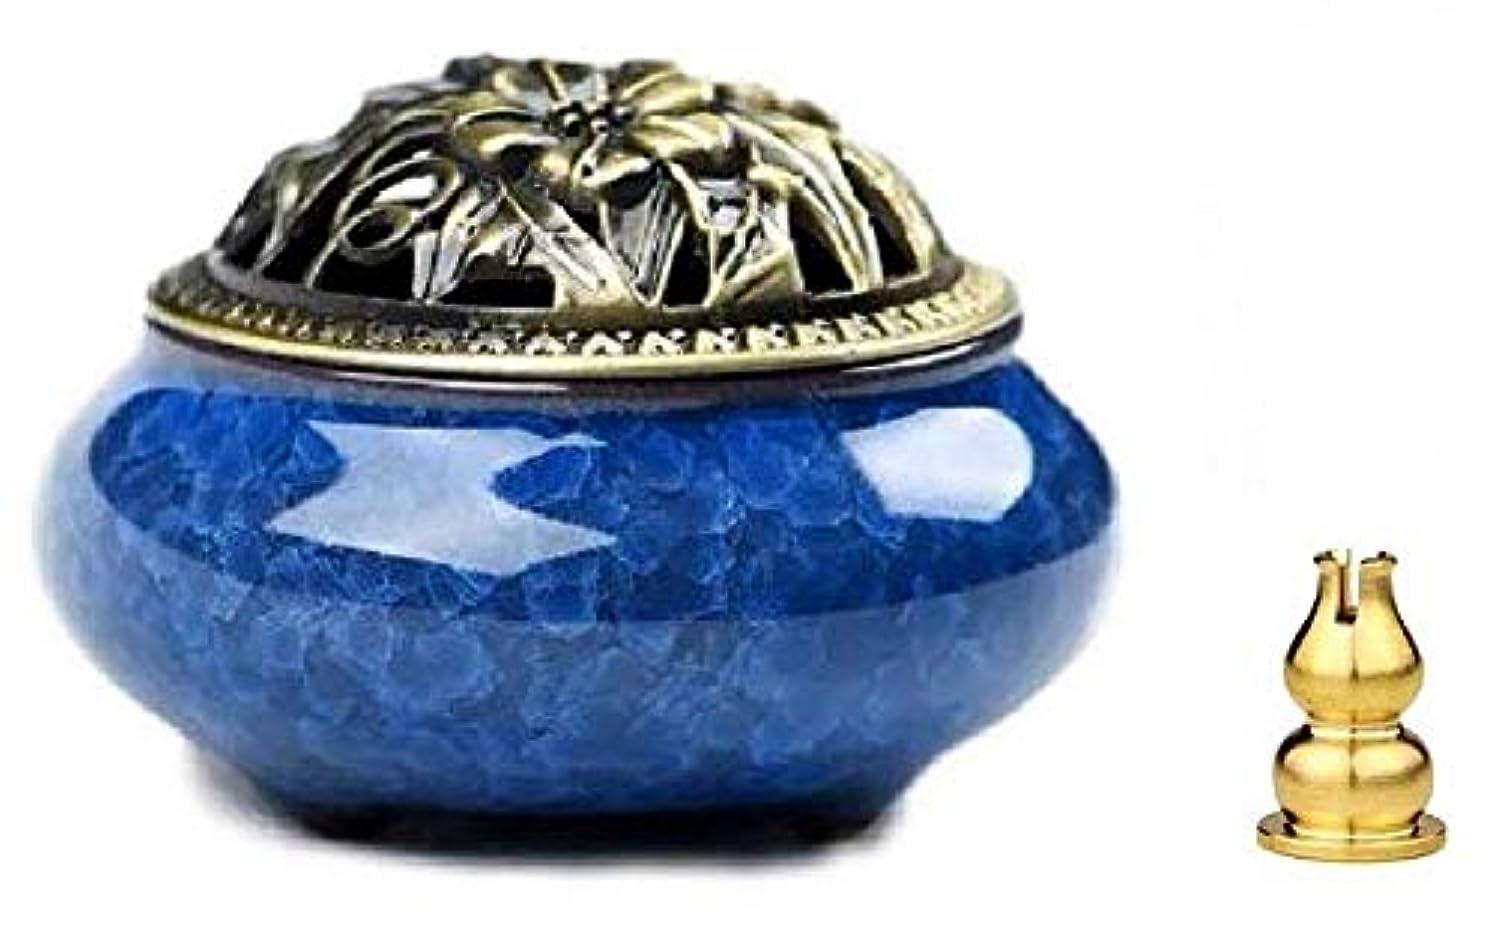 展開するペッカディロビン陶磁器 香炉 青磁 丸香炉 お香立て 渦巻き線香 アロマ などに 香立て付き (青色)